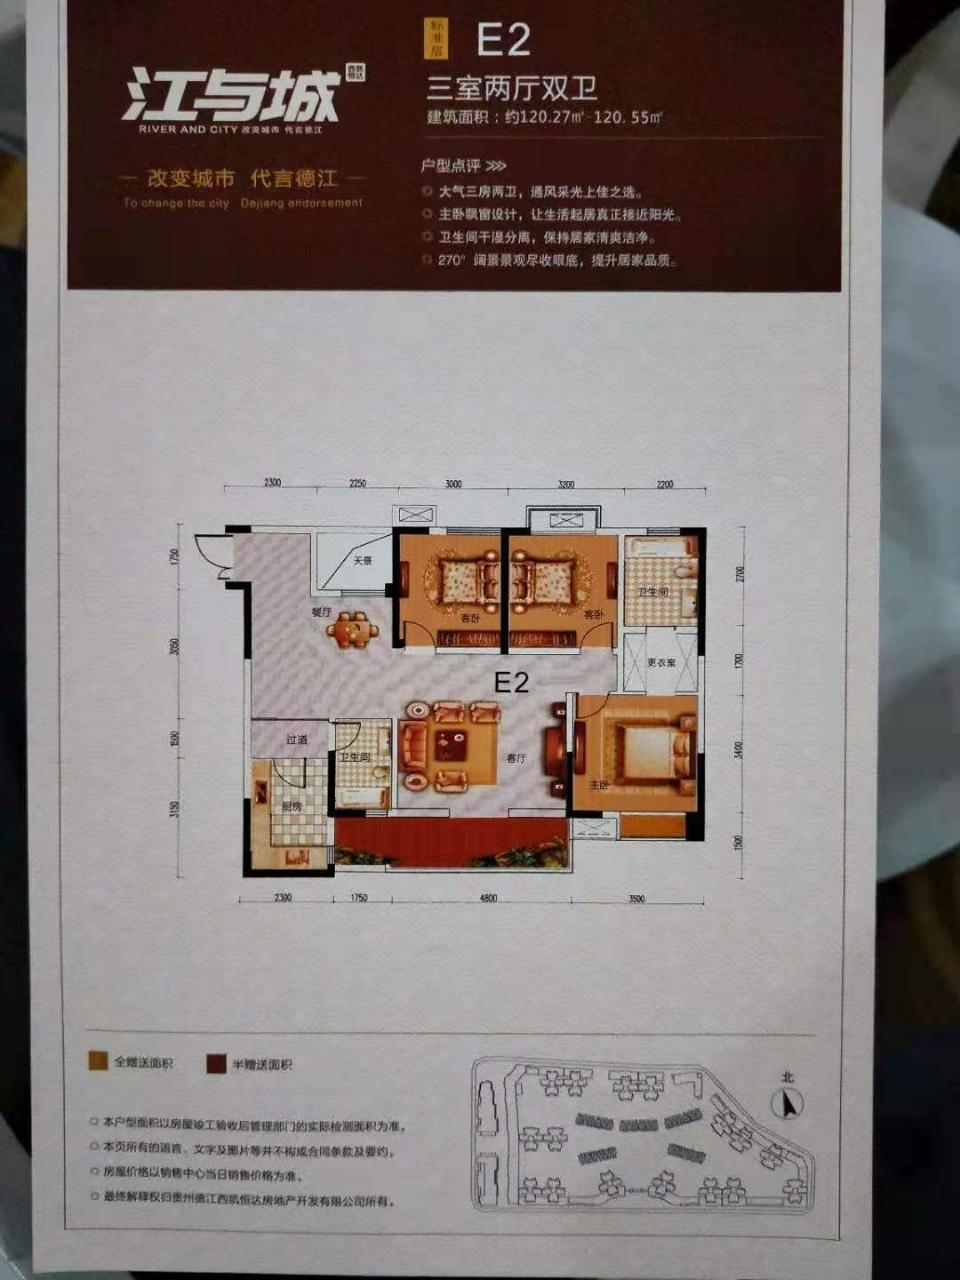 低价急售 公园旁江与城3室 2厅 2卫 面议